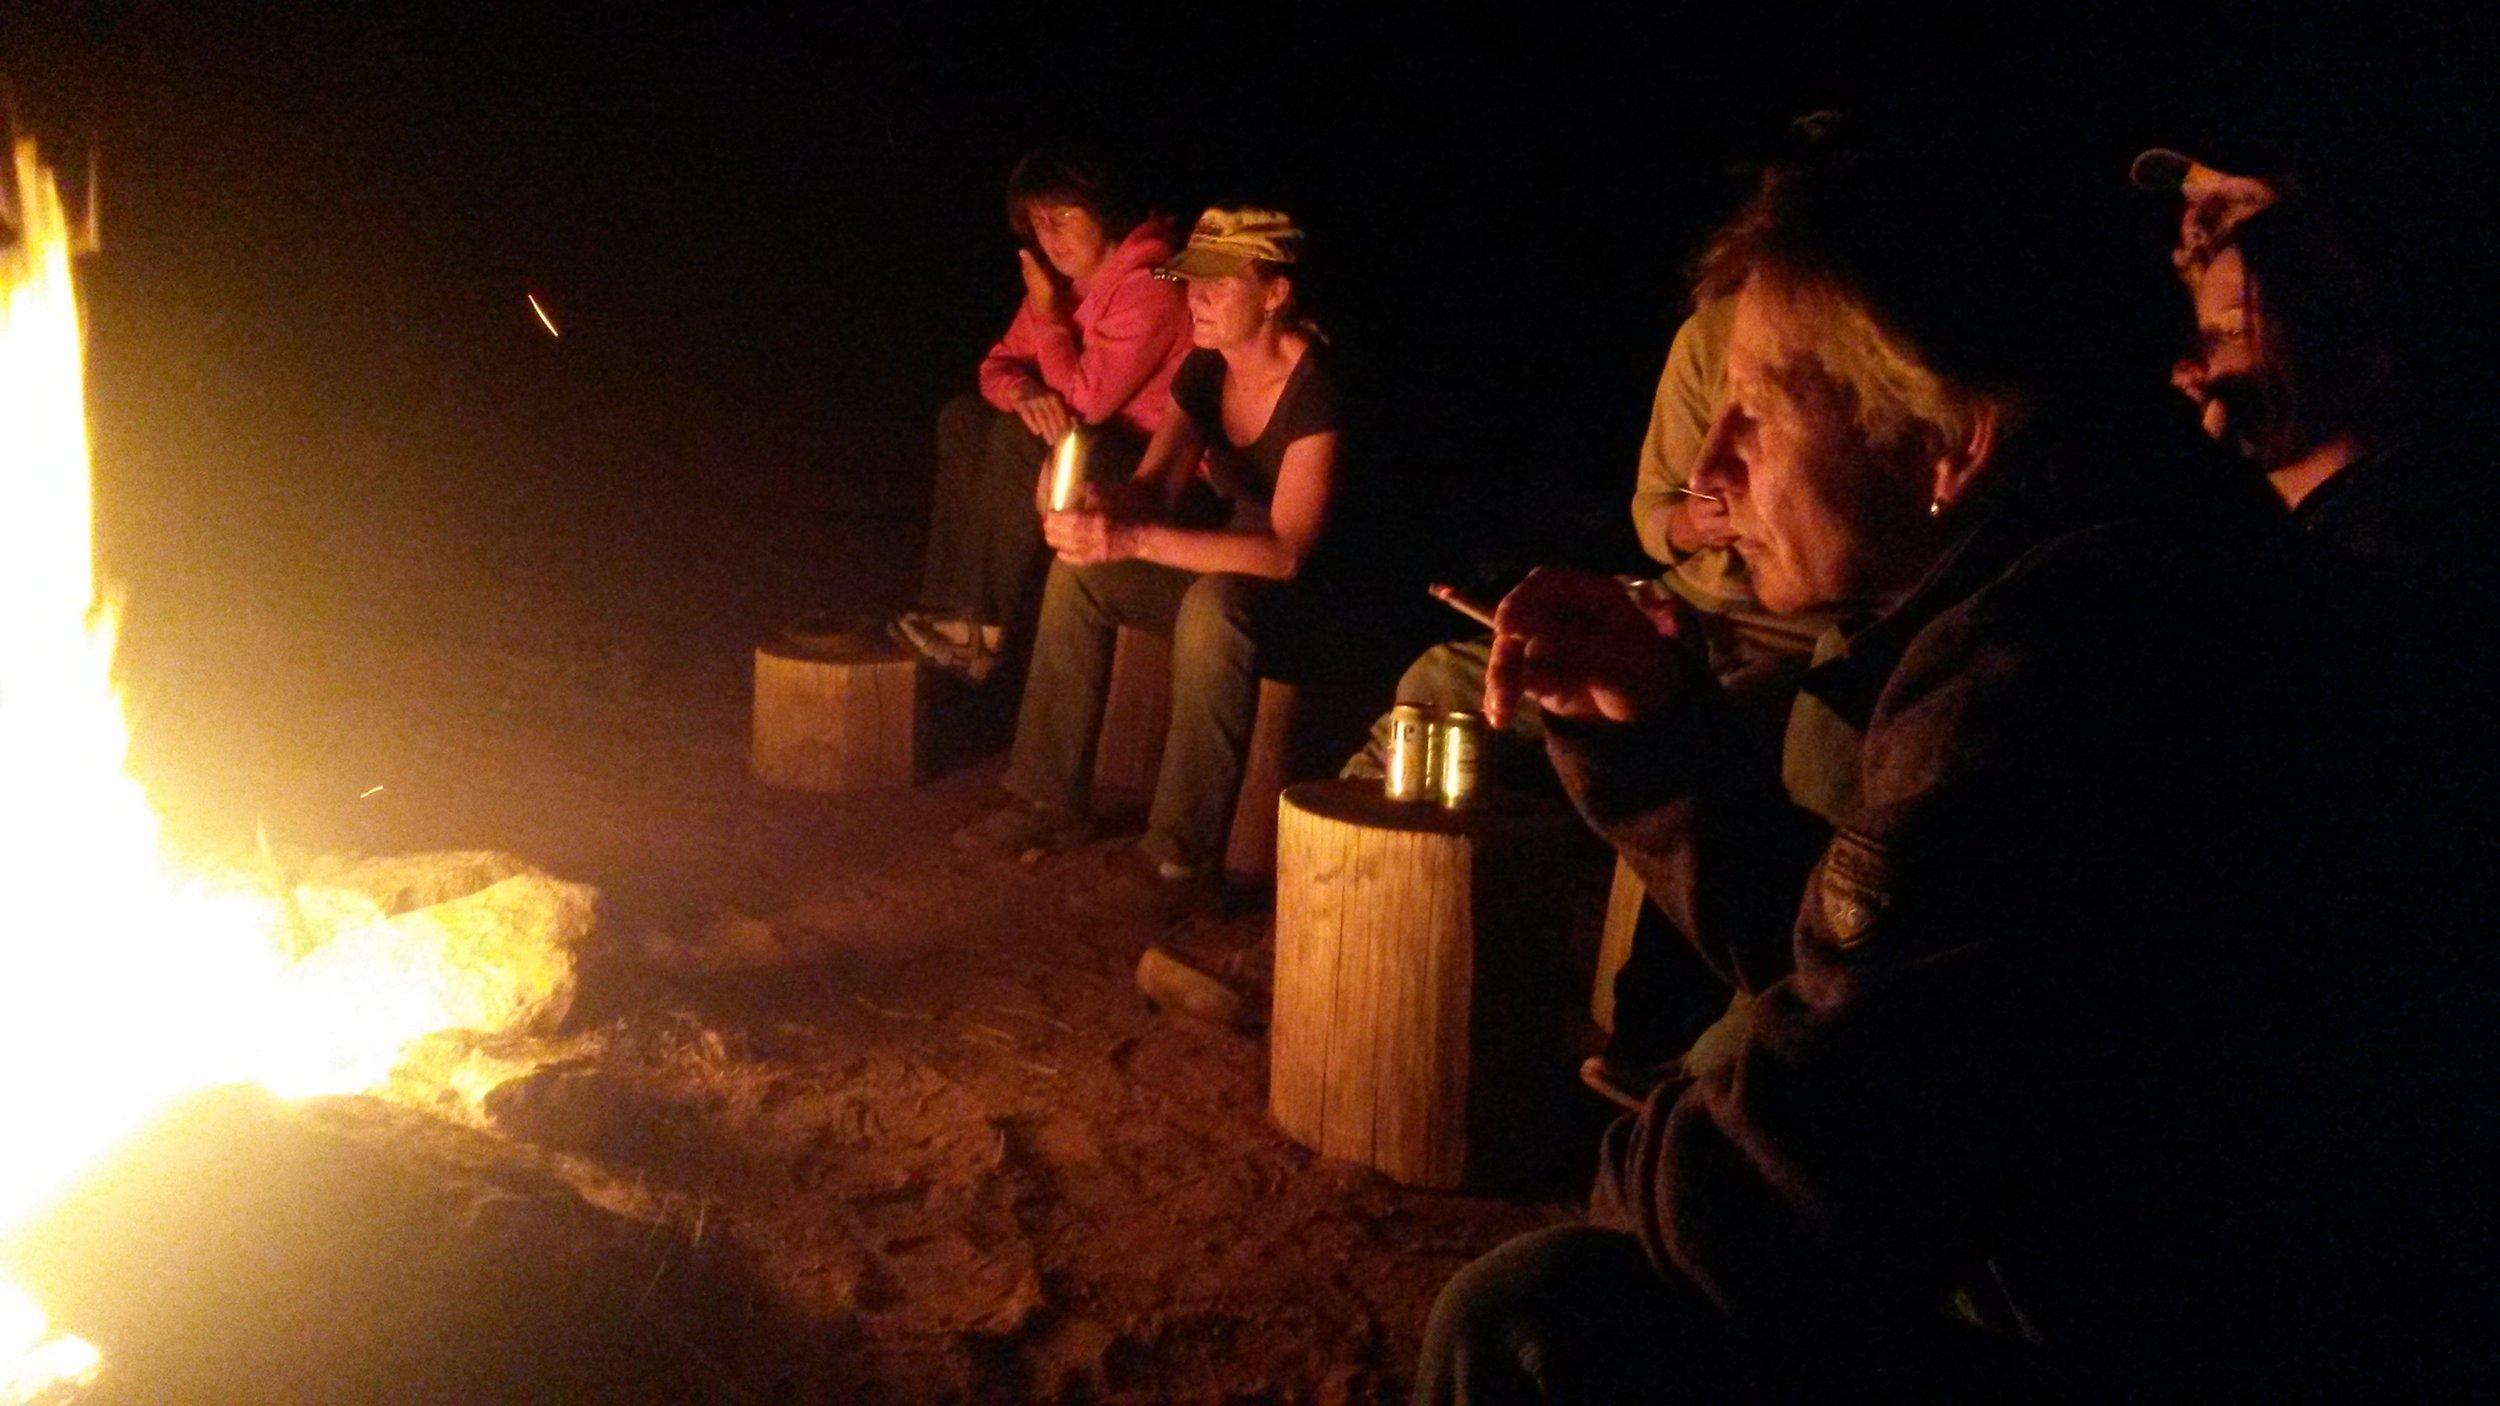 At night we all sit around the campfire.  Abends sitzen wir alle am Lagerfeuer.